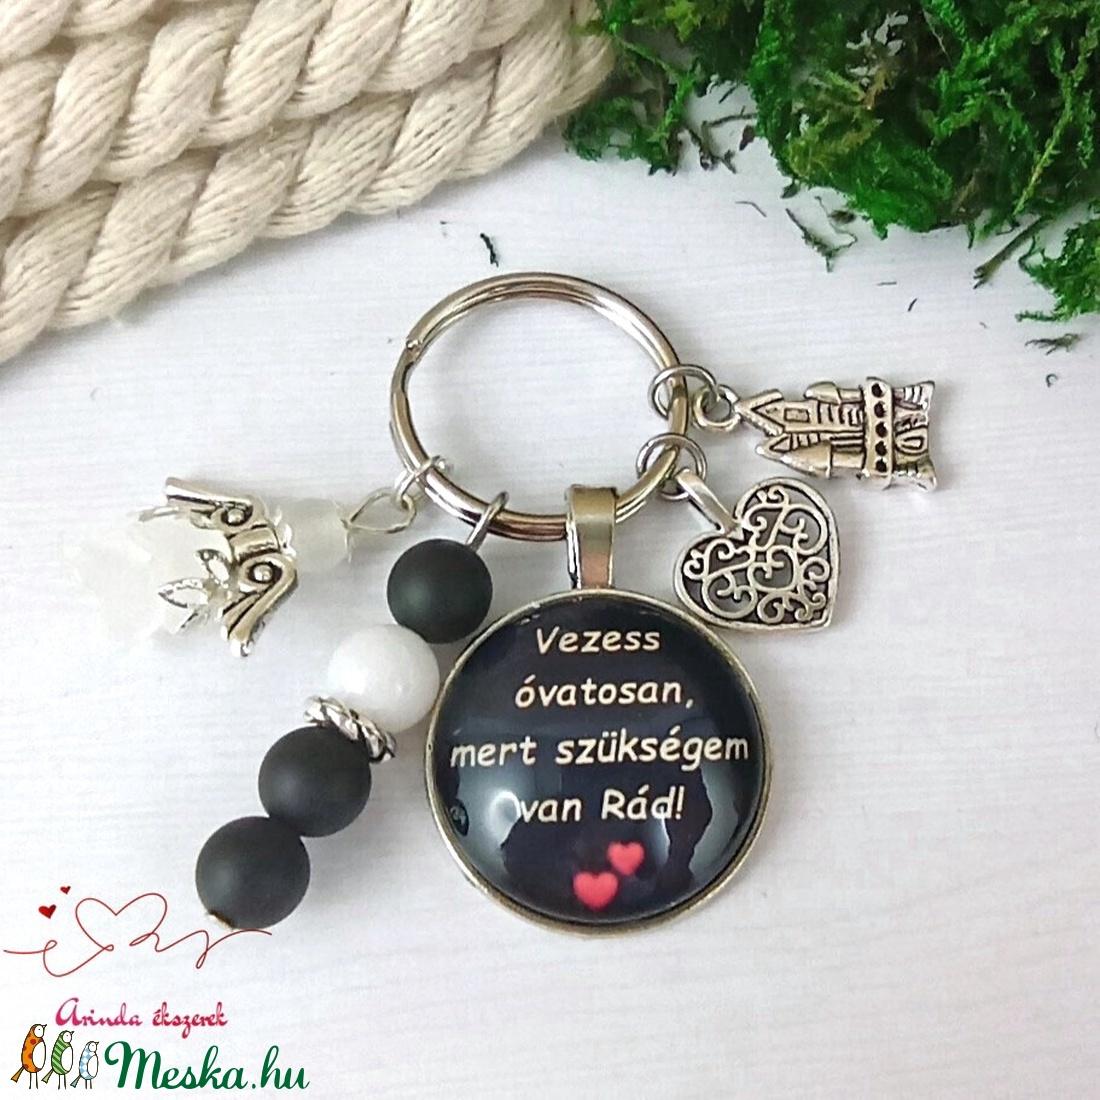 Vezess óvatosan, mert szükségem van Rád feliratos üveglencsés kulcstartó táskadísz karácsony szülinap - táska & tok - kulcstartó & táskadísz - kulcstartó - Meska.hu